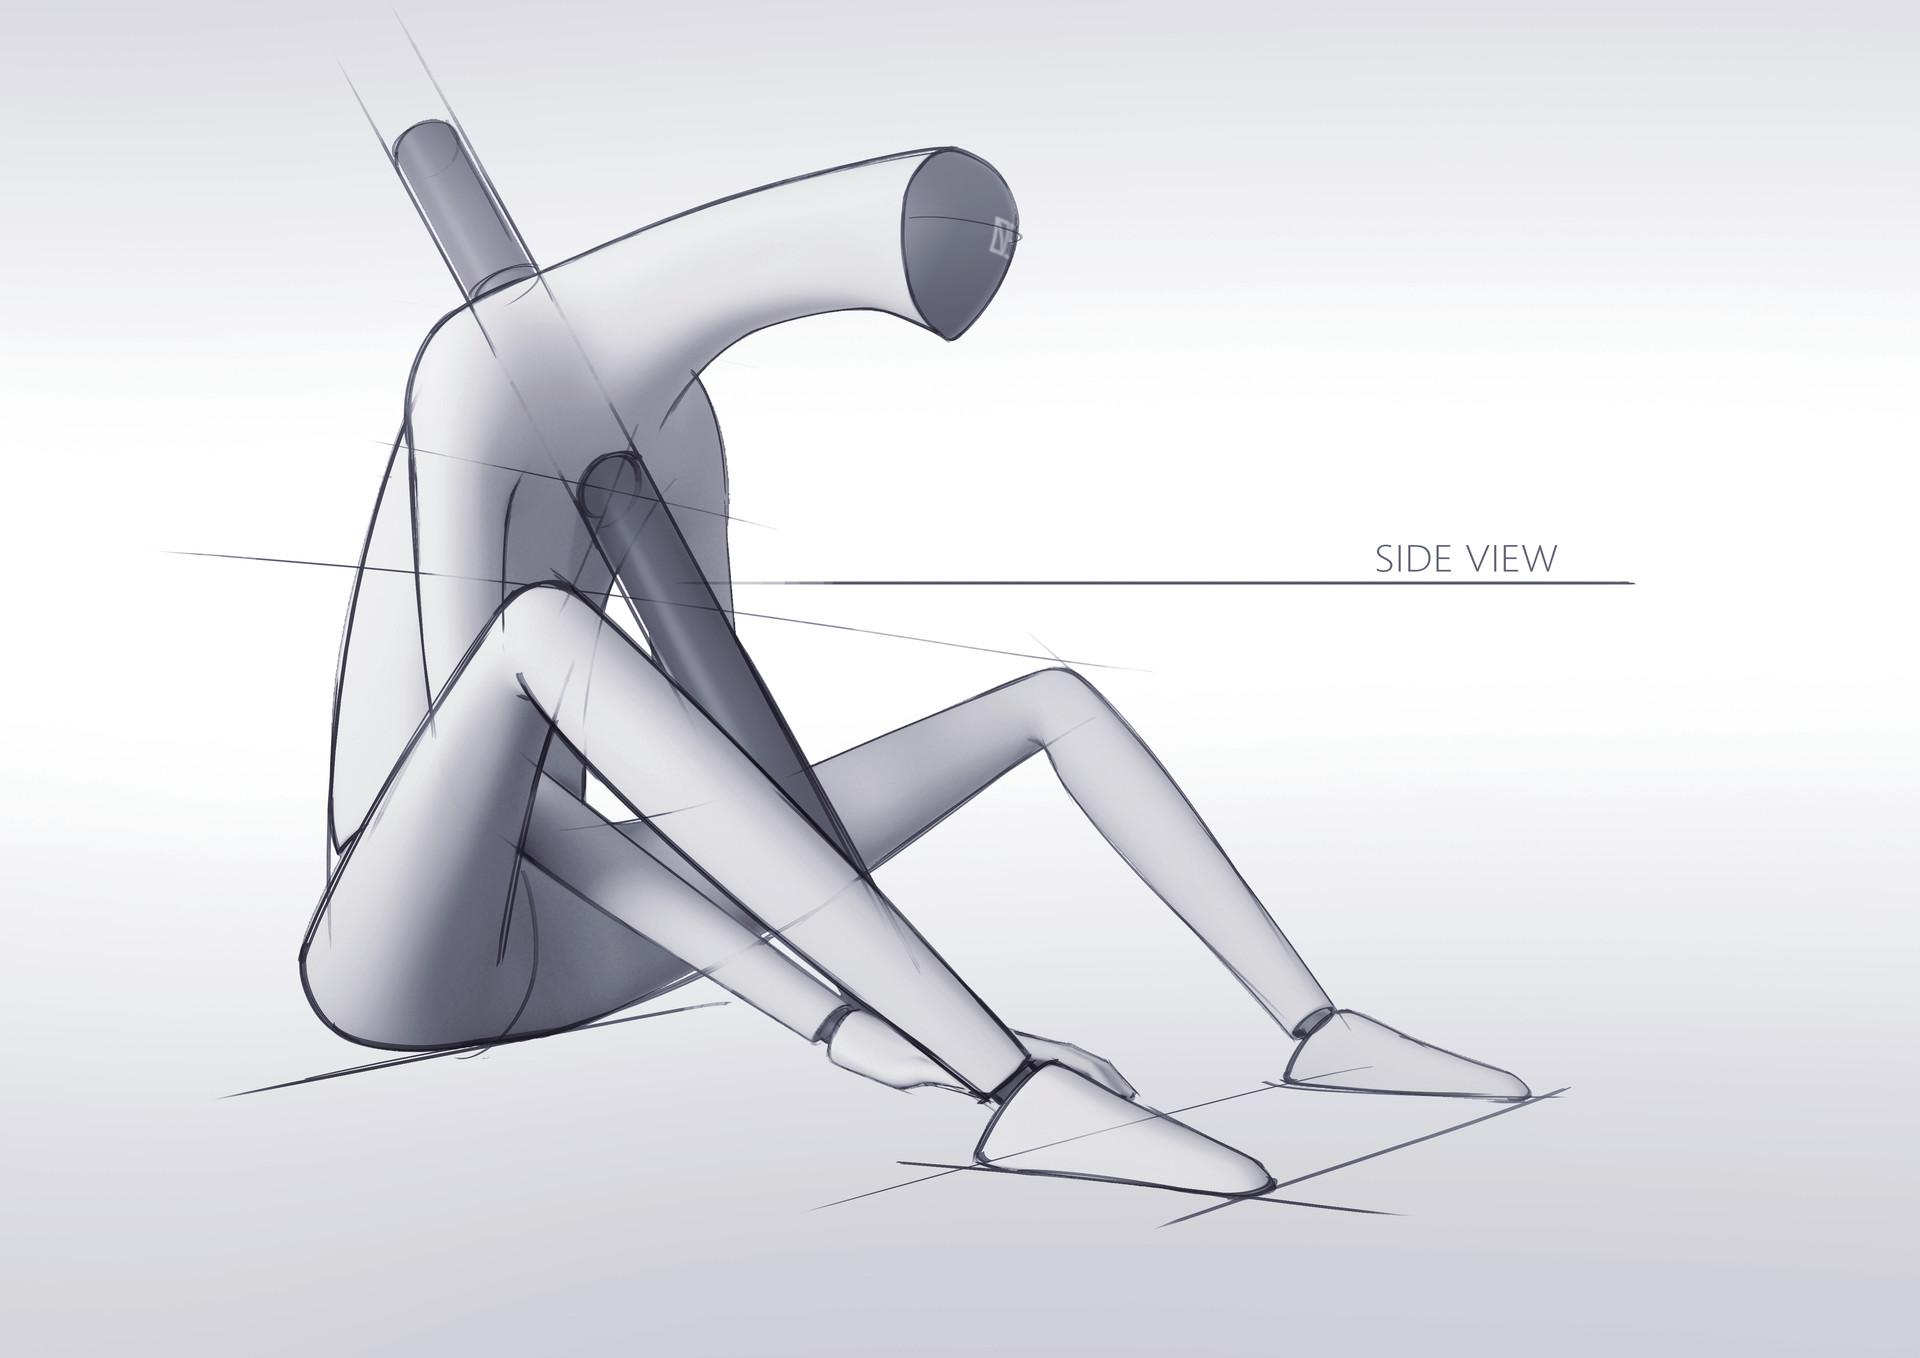 Daniel liang sketch10